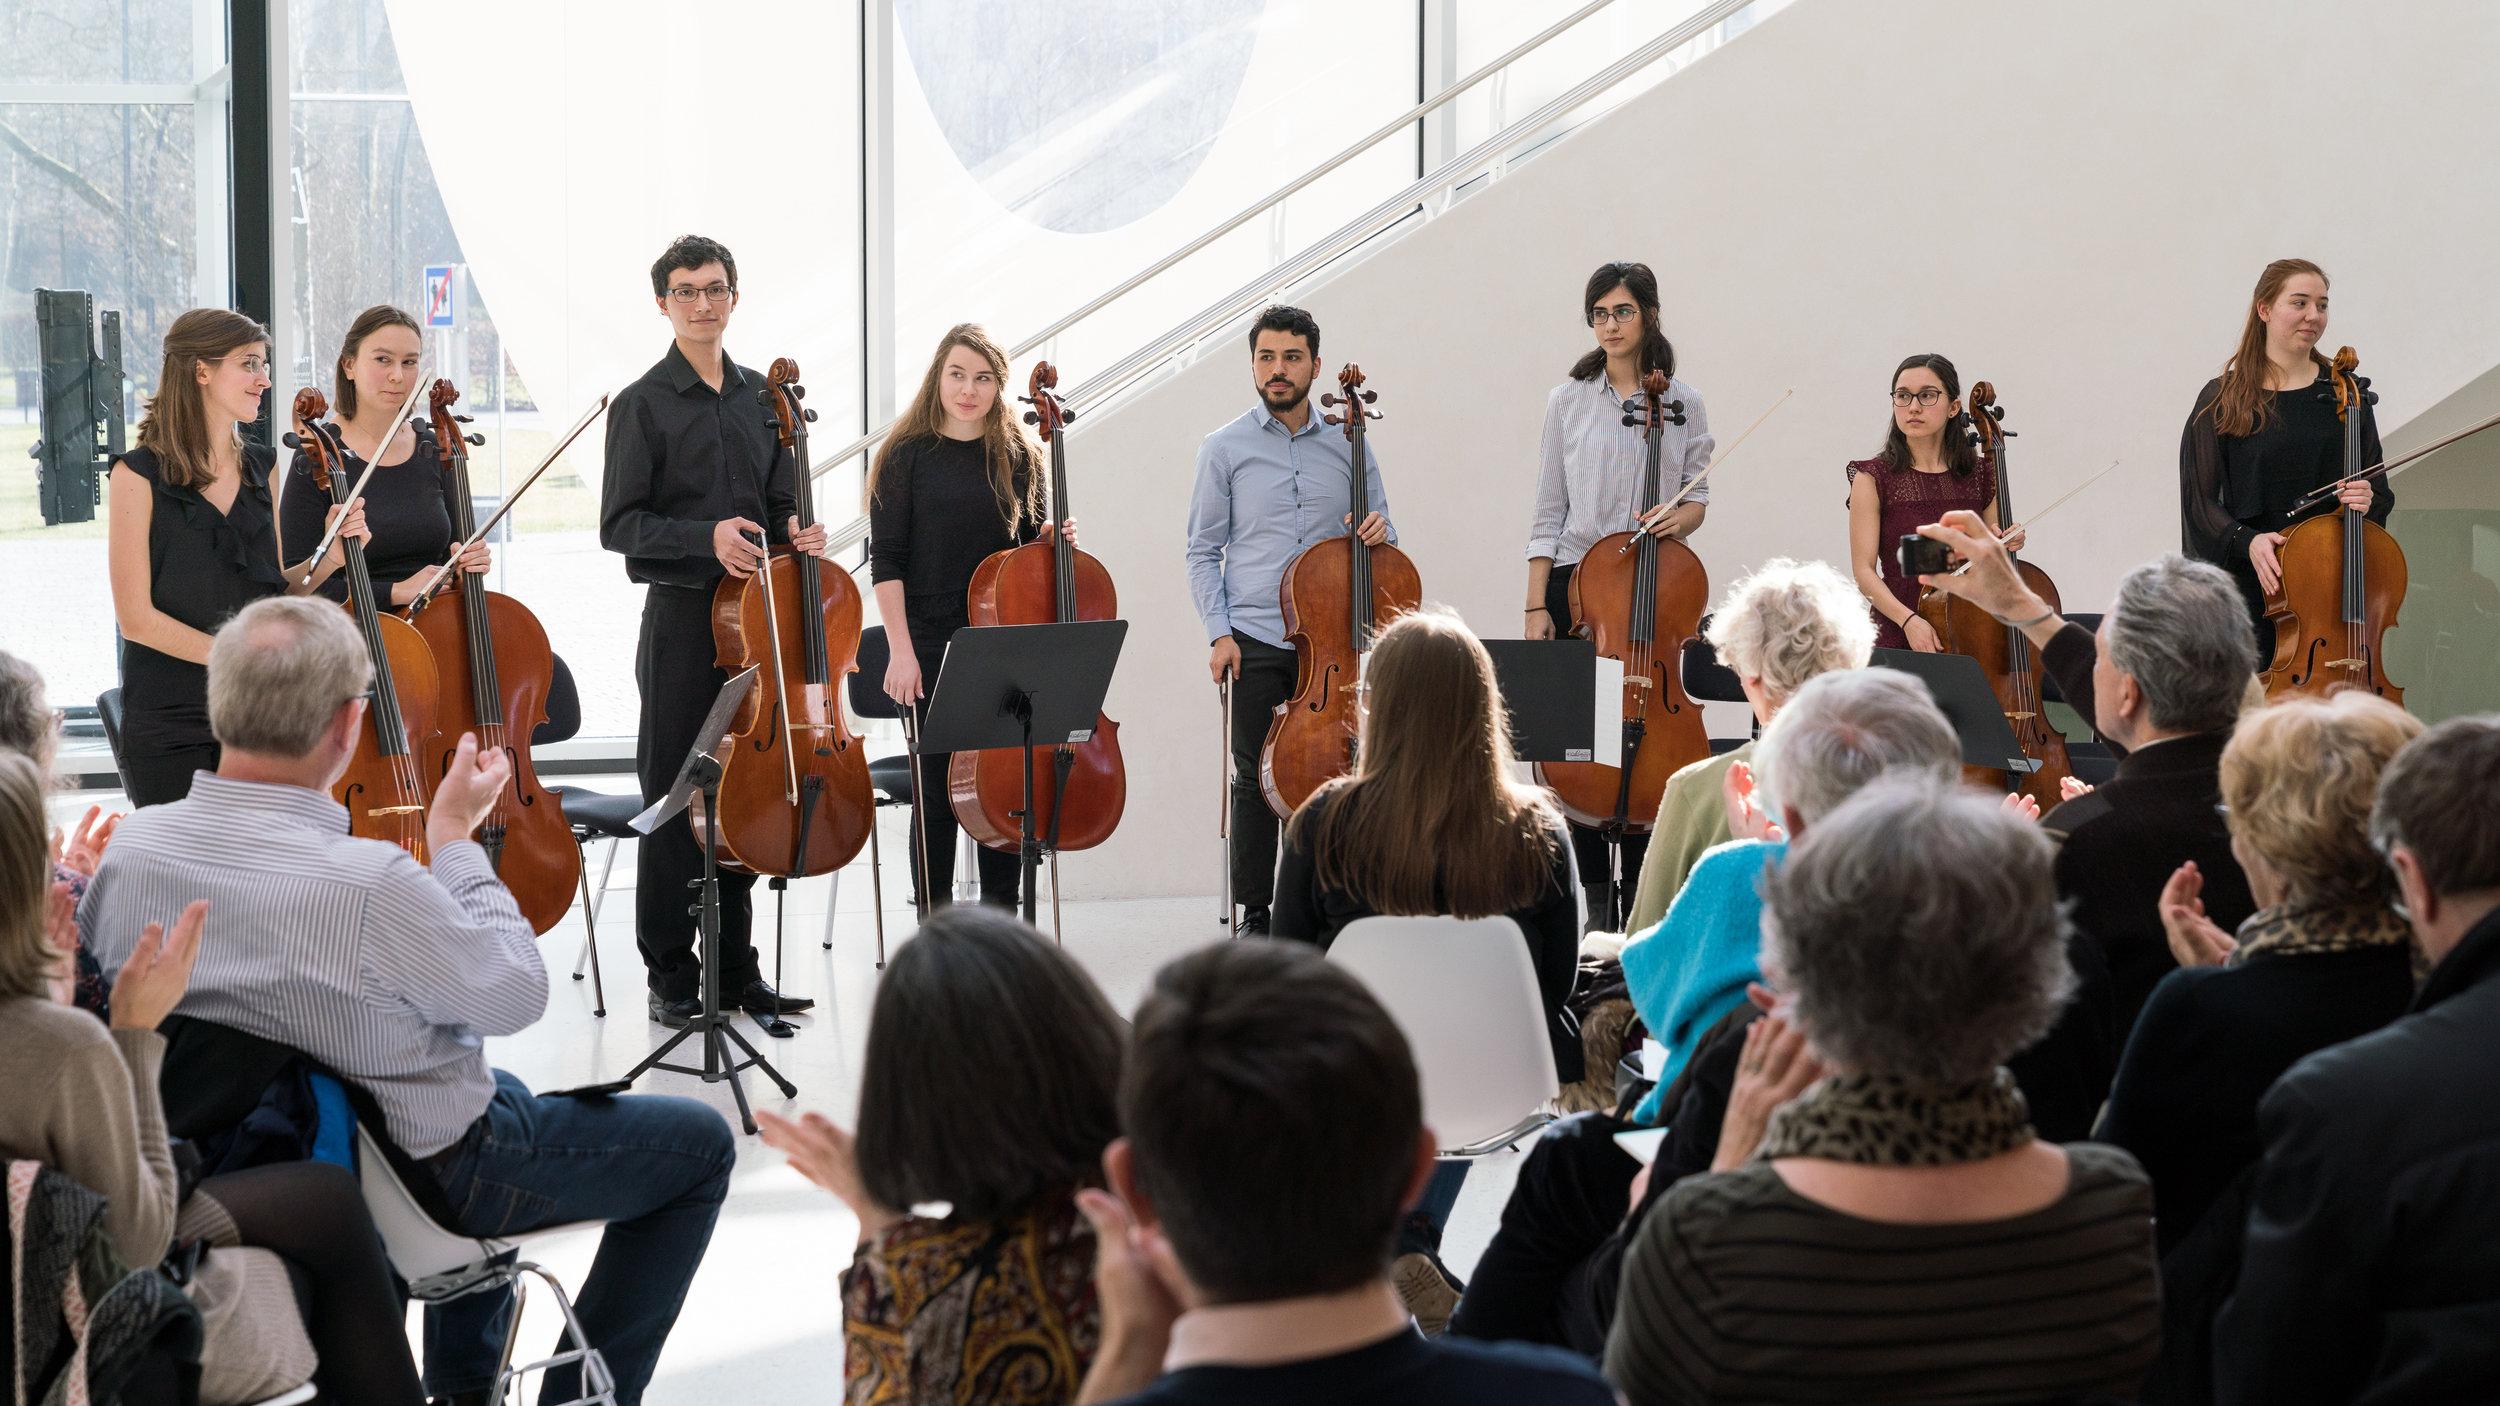 Konzert am Mittag - Cello20180206_036-036.jpg